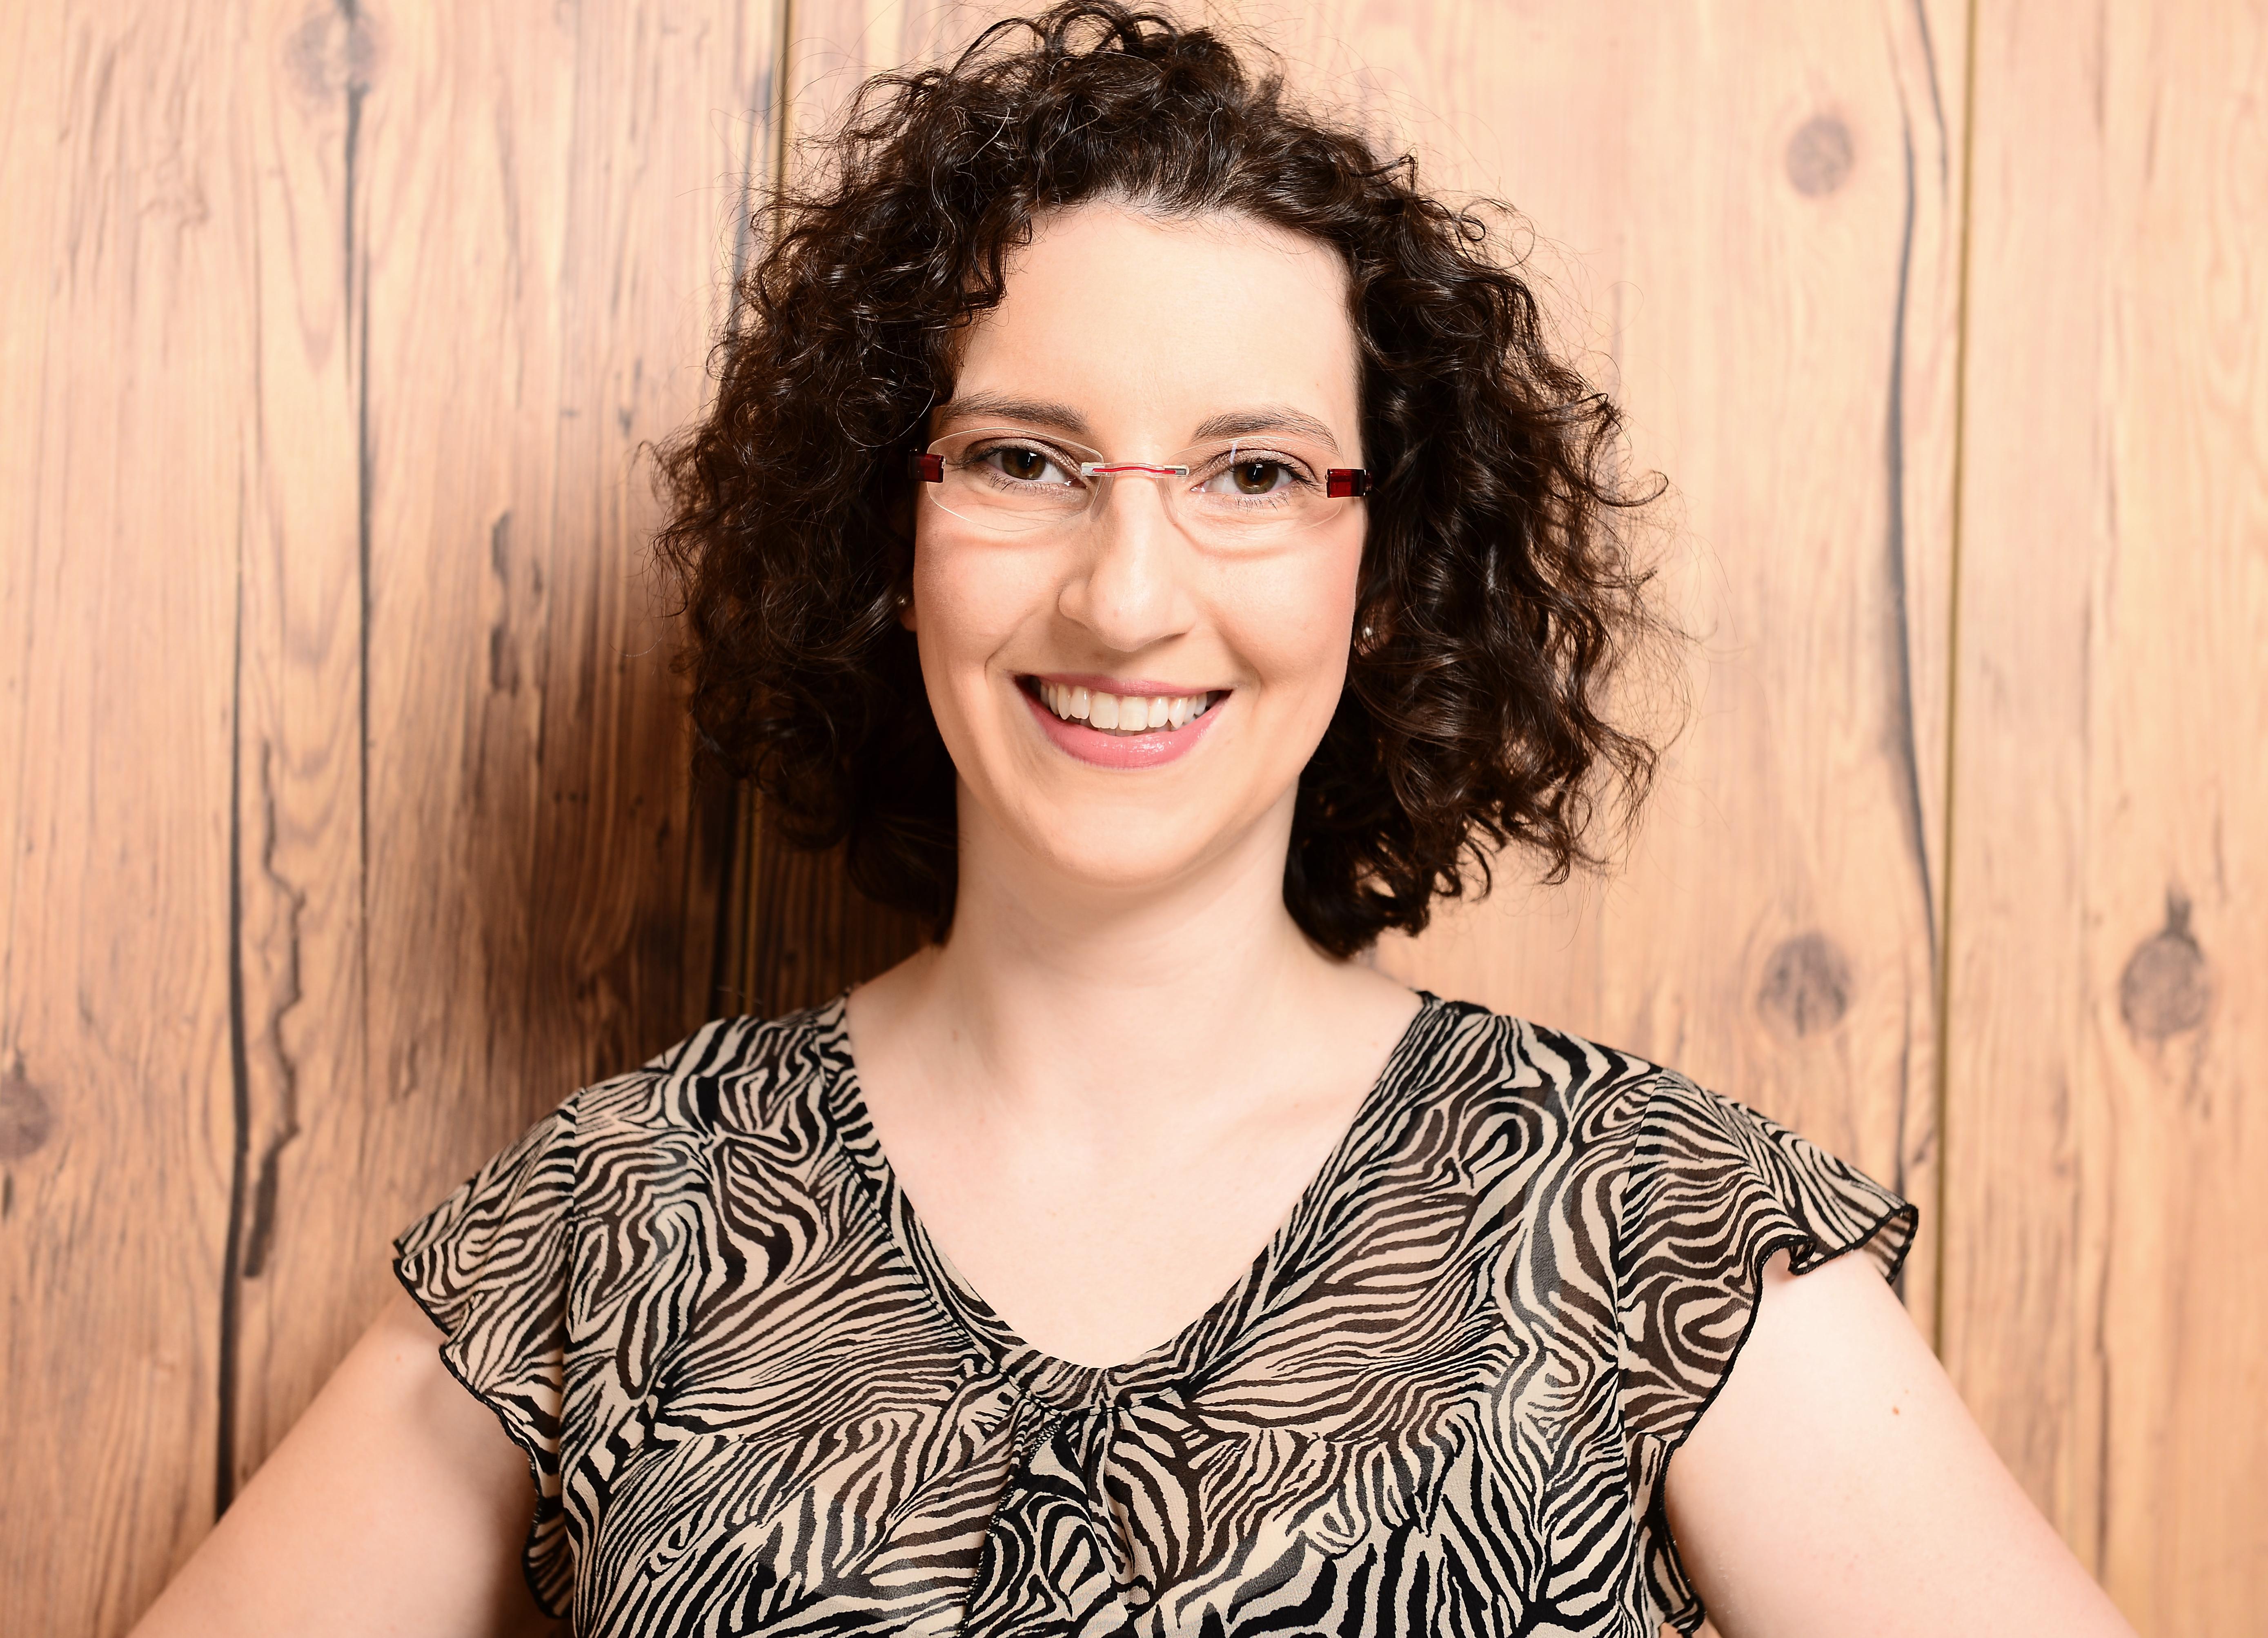 Profilbild Christine Gastroph Coaching und Beratung in Sindelfingen bei Stuttgart